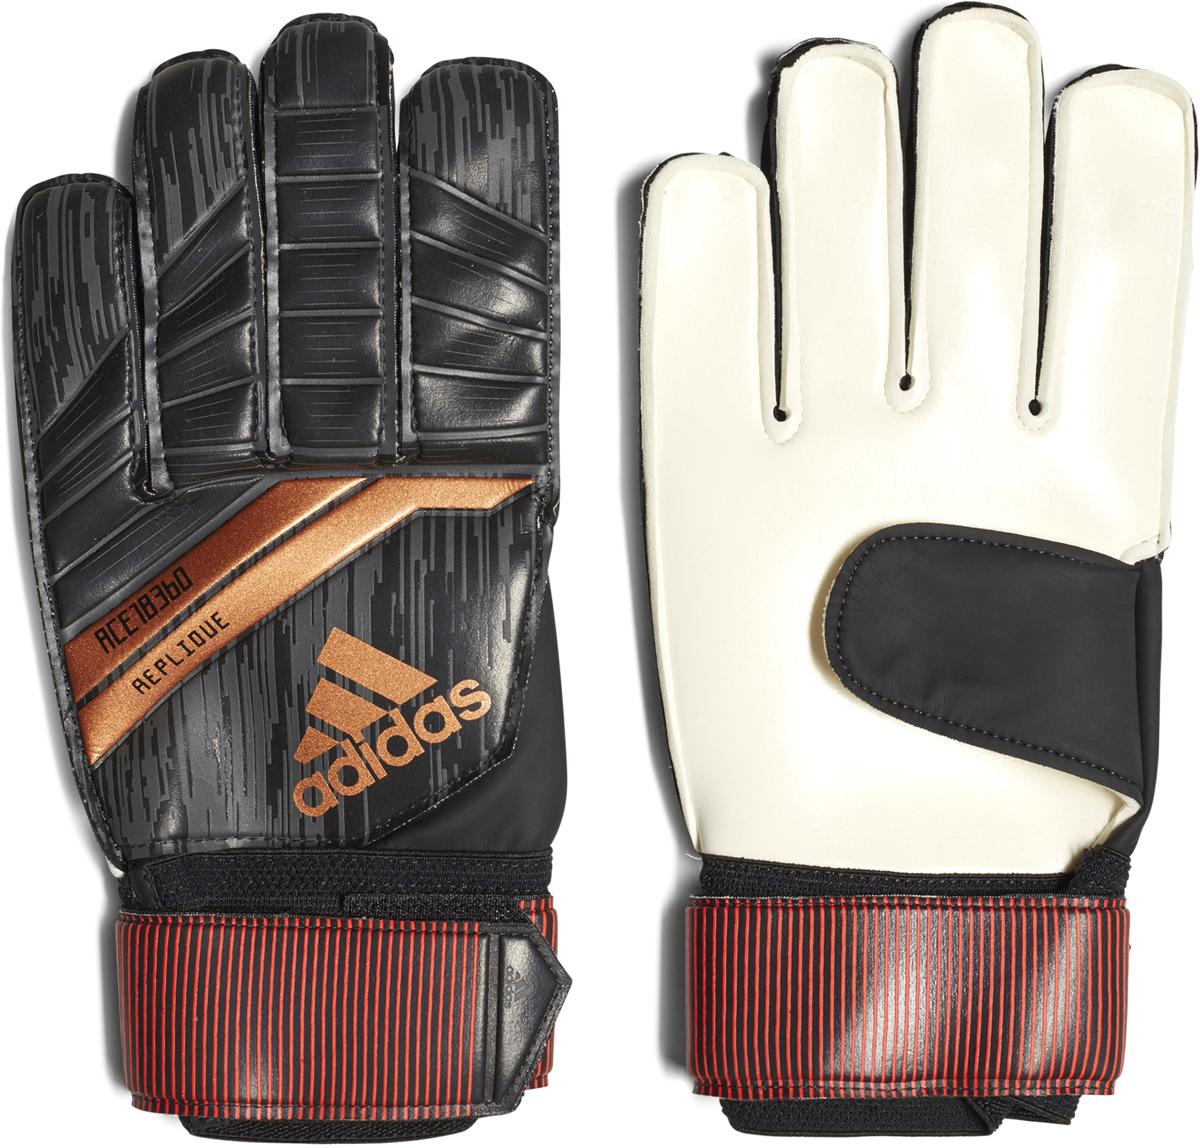 Перчатки вратарские Adidas Pre Replique, цвет: черный. Размер 12CF1363Цепкие перчатки для идеального захвата мяча. Отбивай, лови и блокируй во время каждого матча. Эти мужские футбольные перчатки созданы специально для вратарей. Практичный крой с наружными швами обеспечивает комфорт. Латексная вставка на ладони увеличивает сцепление и контакт с мячом.Мягкое покрытие Soft Grip Pro из латекса на ладонях обеспечивает хорошее сцепление, амортизацию и надежность при любых погодных условиях. Благодаря специальному крою positive cut с наружными швами перчатки комфортно сидят на руках и отлично подходят футболистам с более широкими ладонями. Эластичный манжет для идеальной посадки и поддержки запястья. Ремешок вокруг запястья для точной подгонки по размеру. 83% ЭВА / 15% пенополиэтилен / 2% другие материалы.